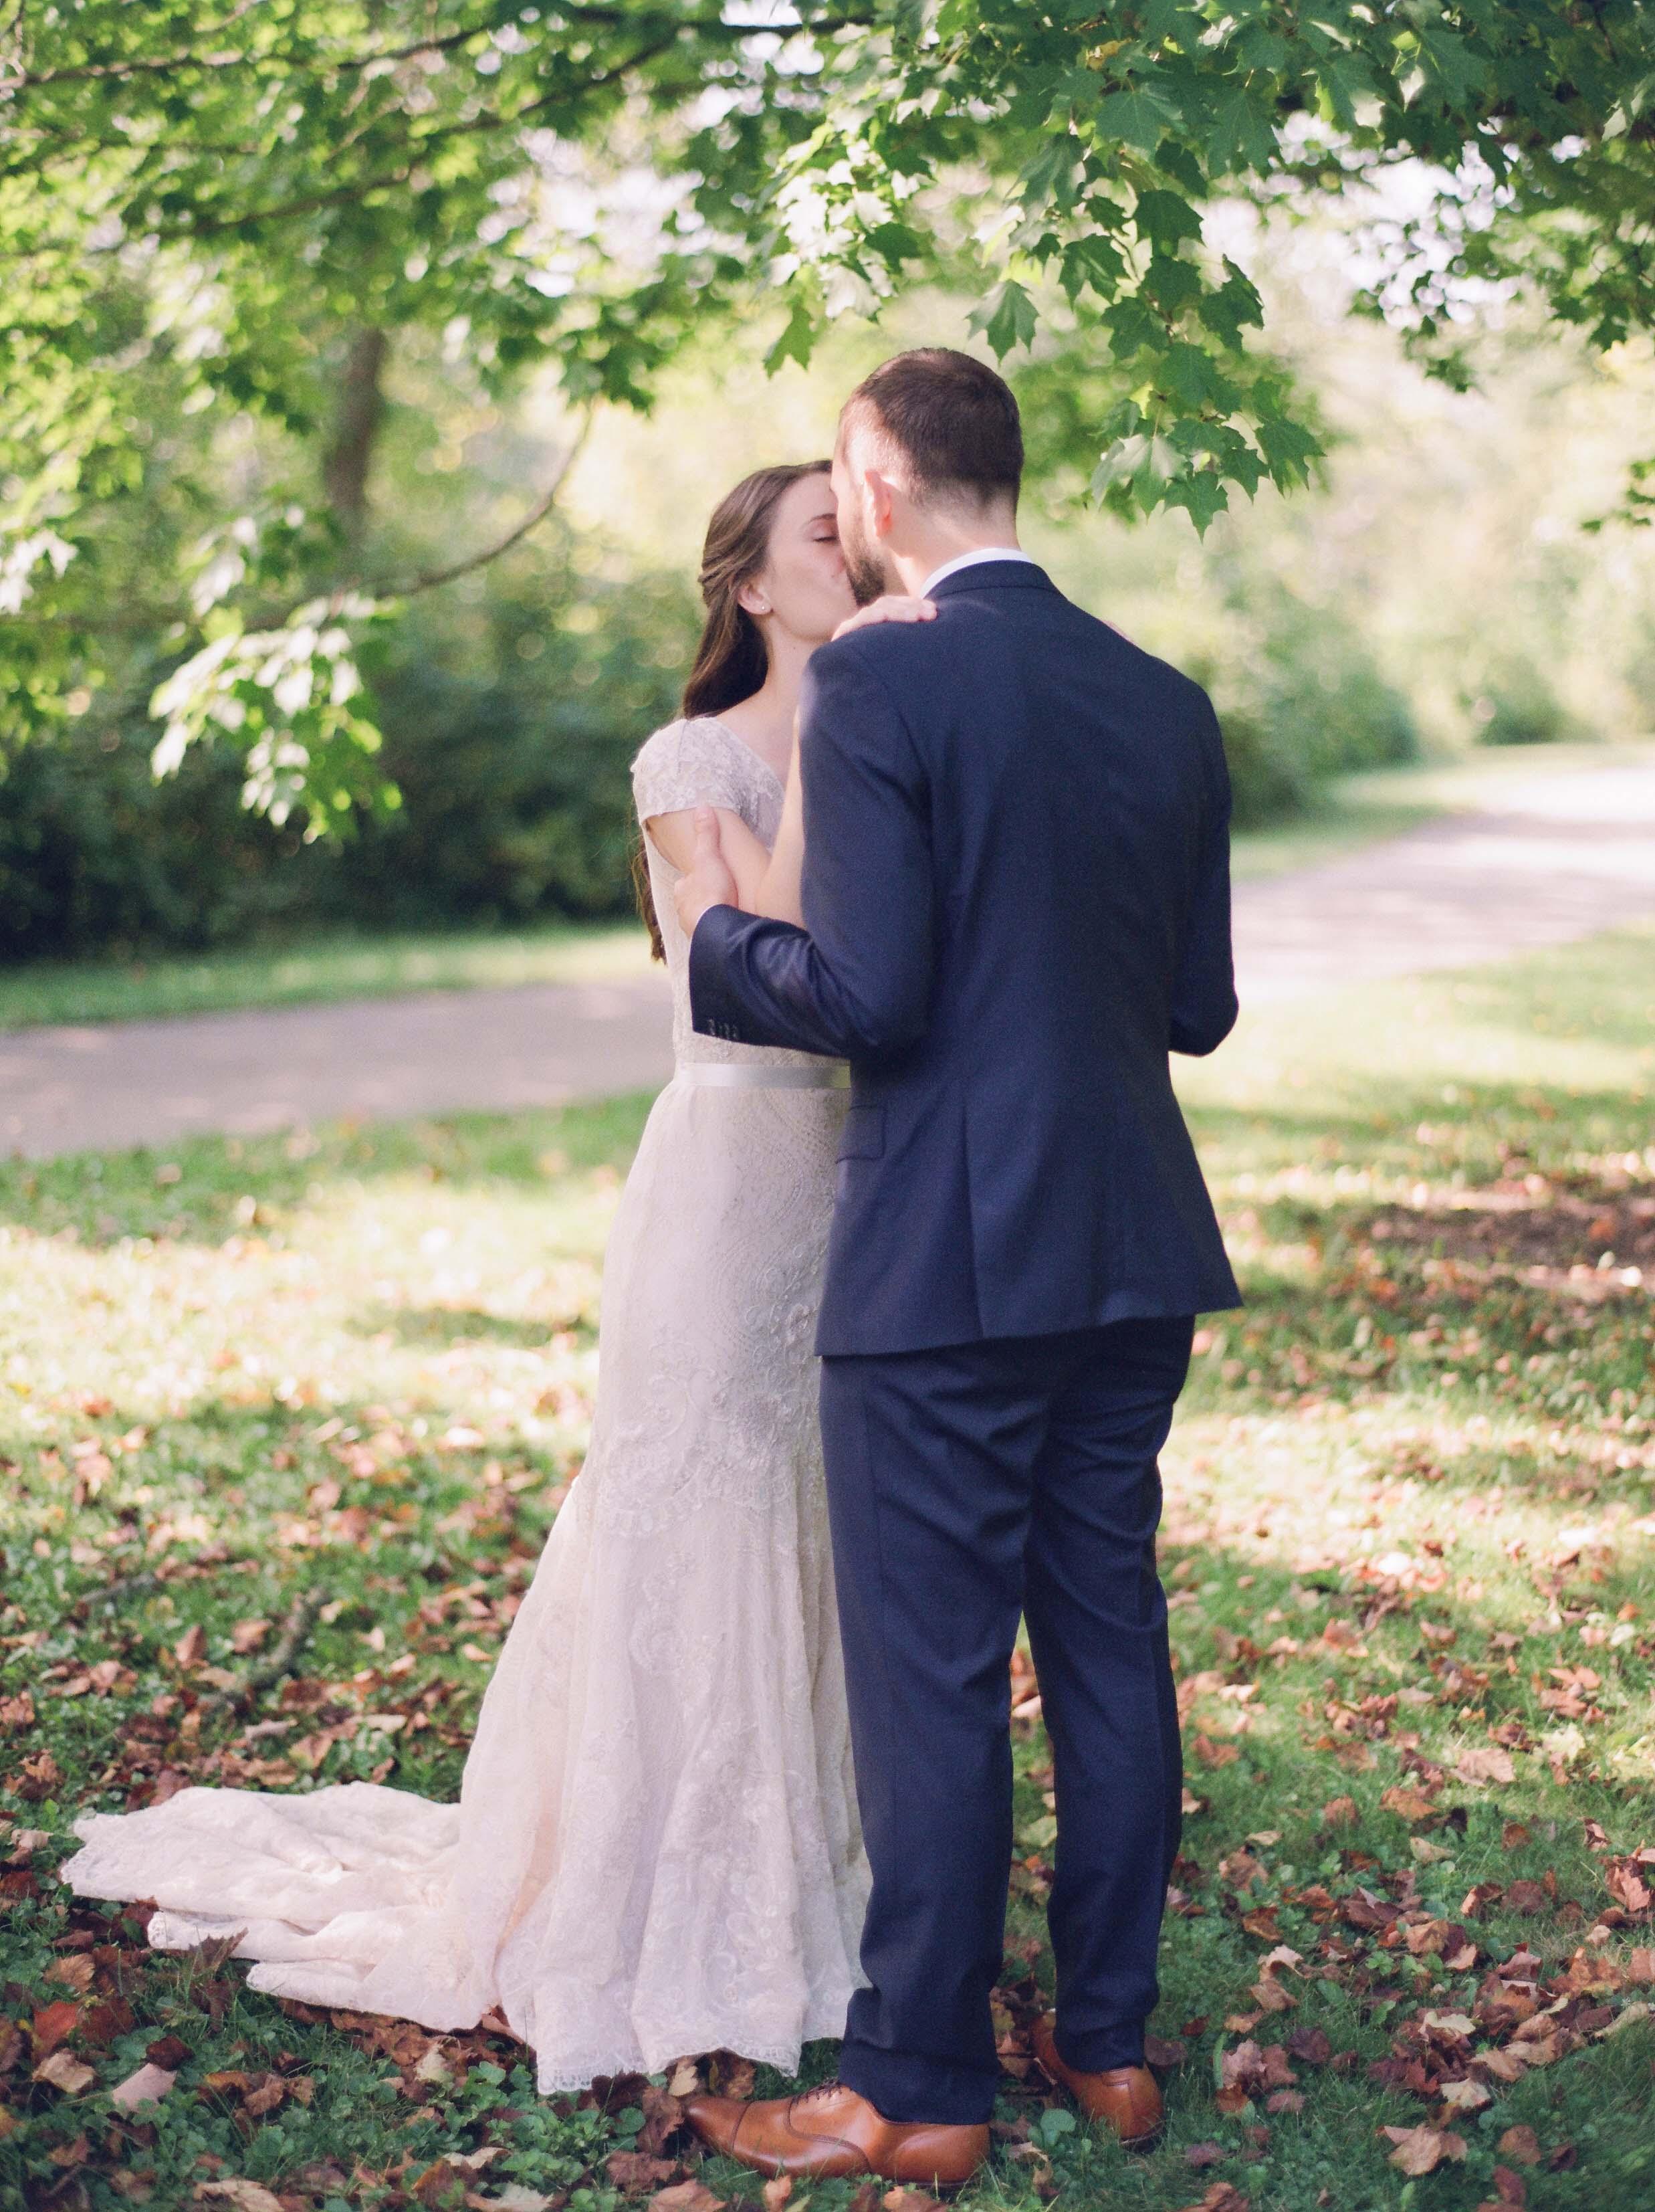 kateweinsteinphoto_clairewillie_wedding-164.jpg